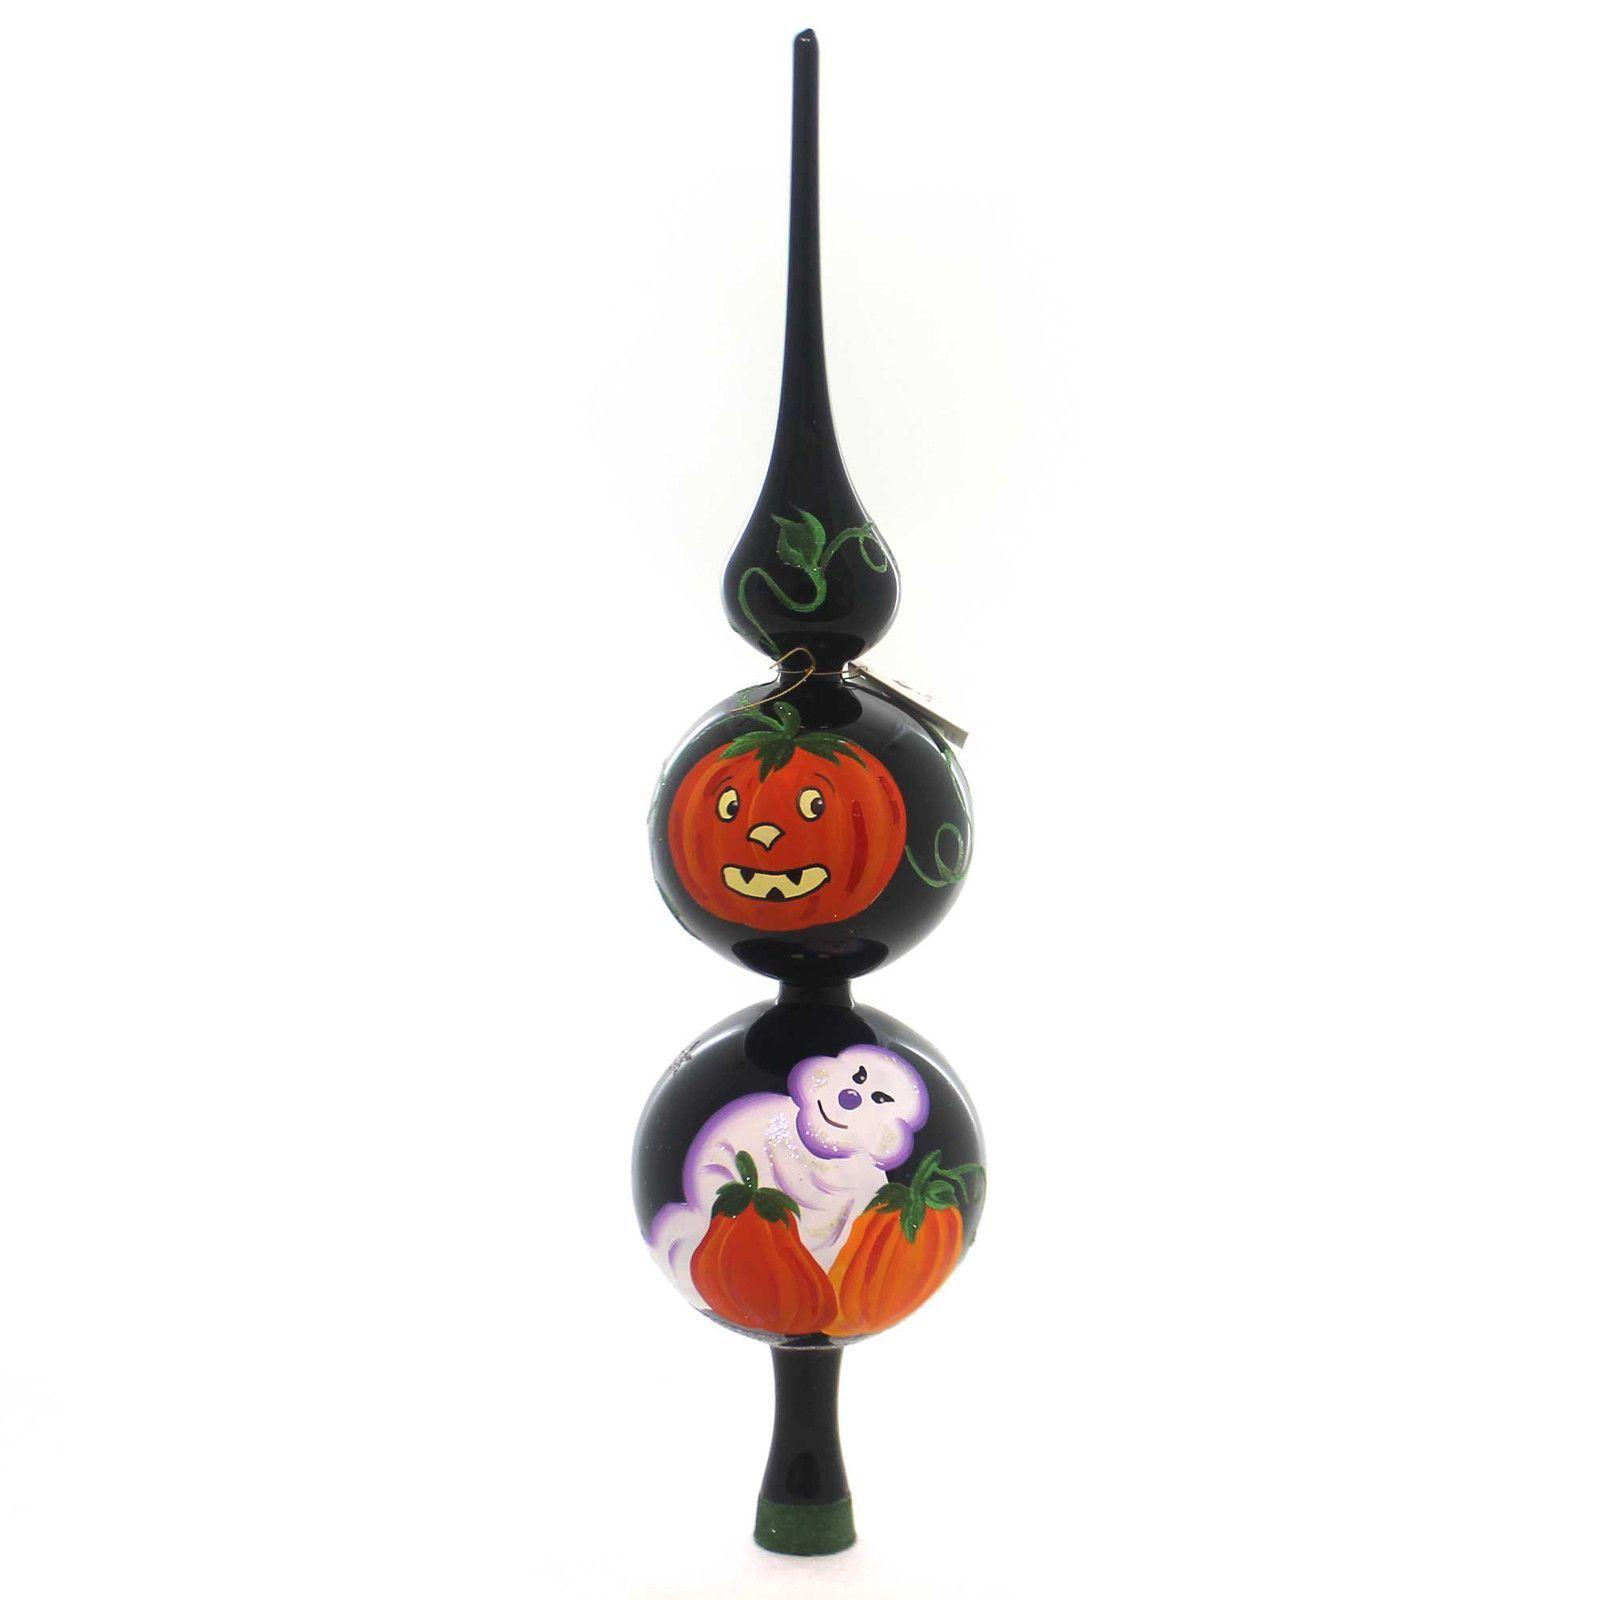 Italian ornaments - Laved Italian Ornaments Halloween Ghost Pumpkin Finial Tree Topper Finial